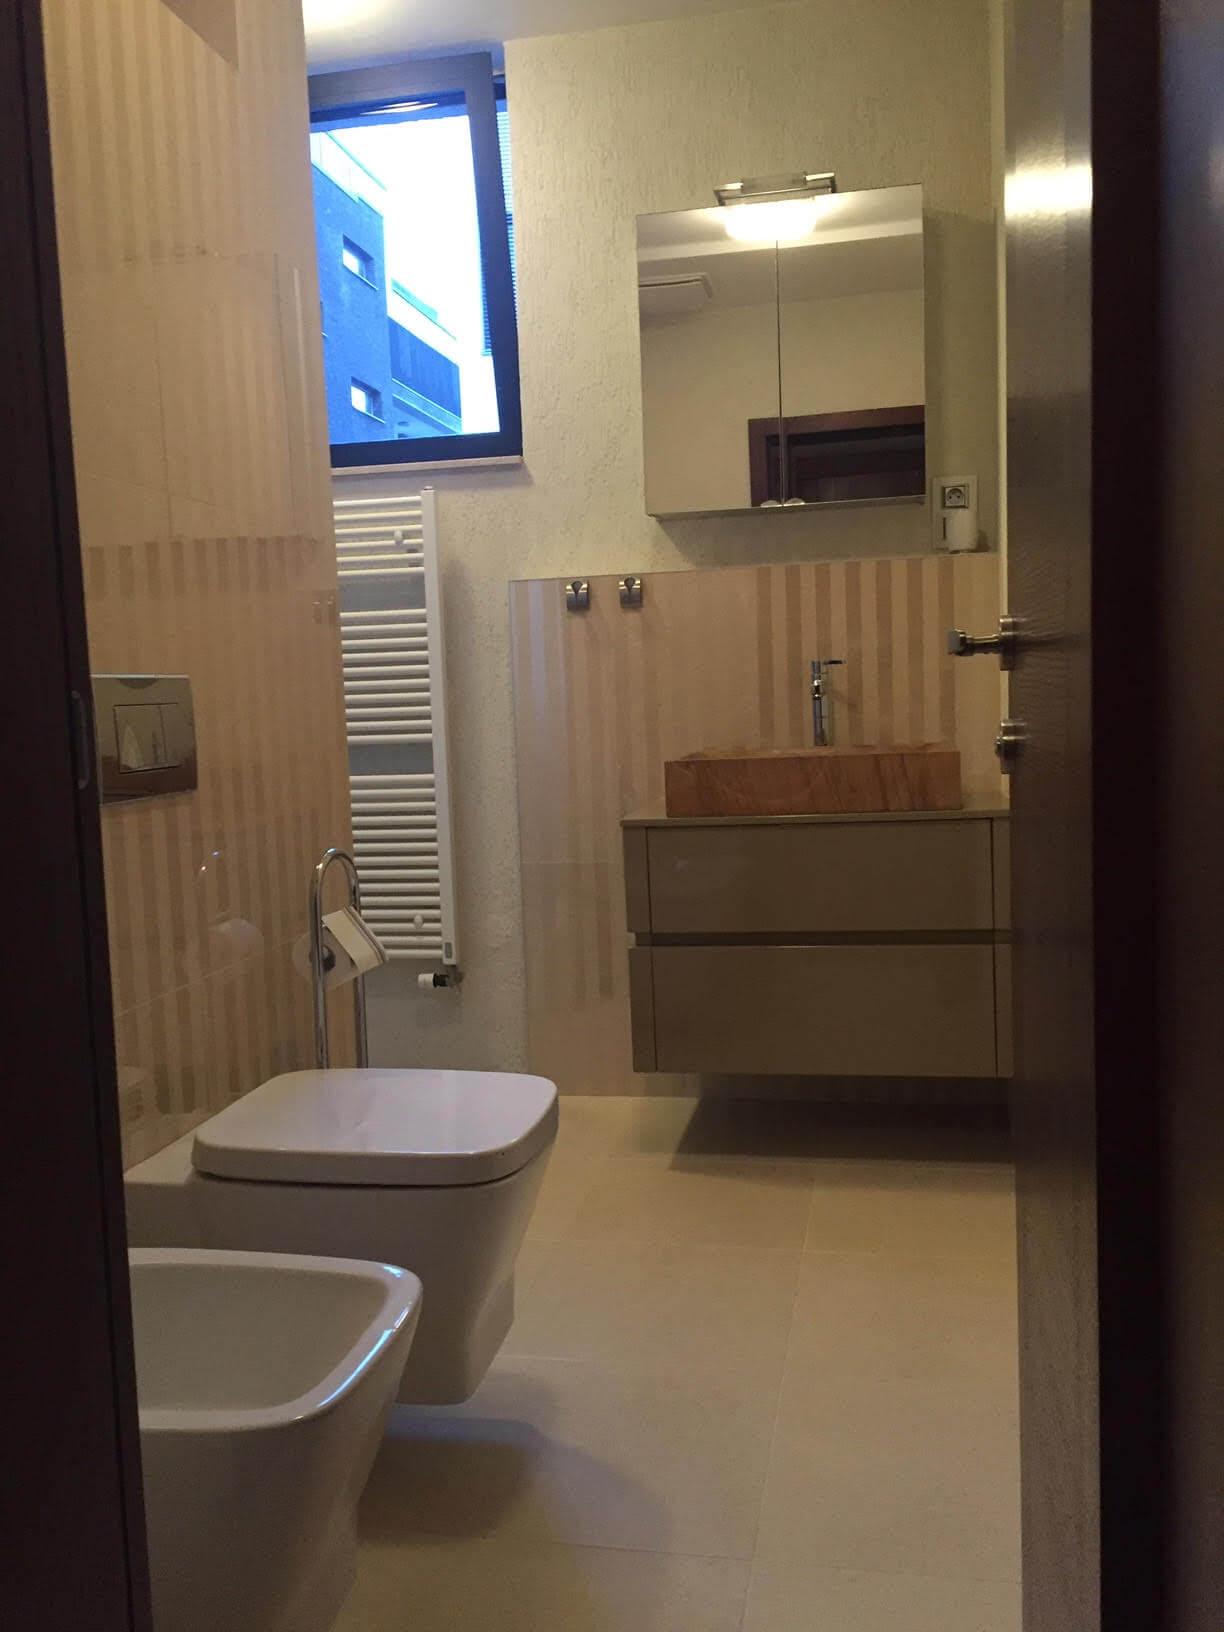 Prenajaté: Luxusný 3 izbový byt v centre BA, 88m2, Dunajská 48, balkón 6m, garážové státie,klimatizácia, krb-4